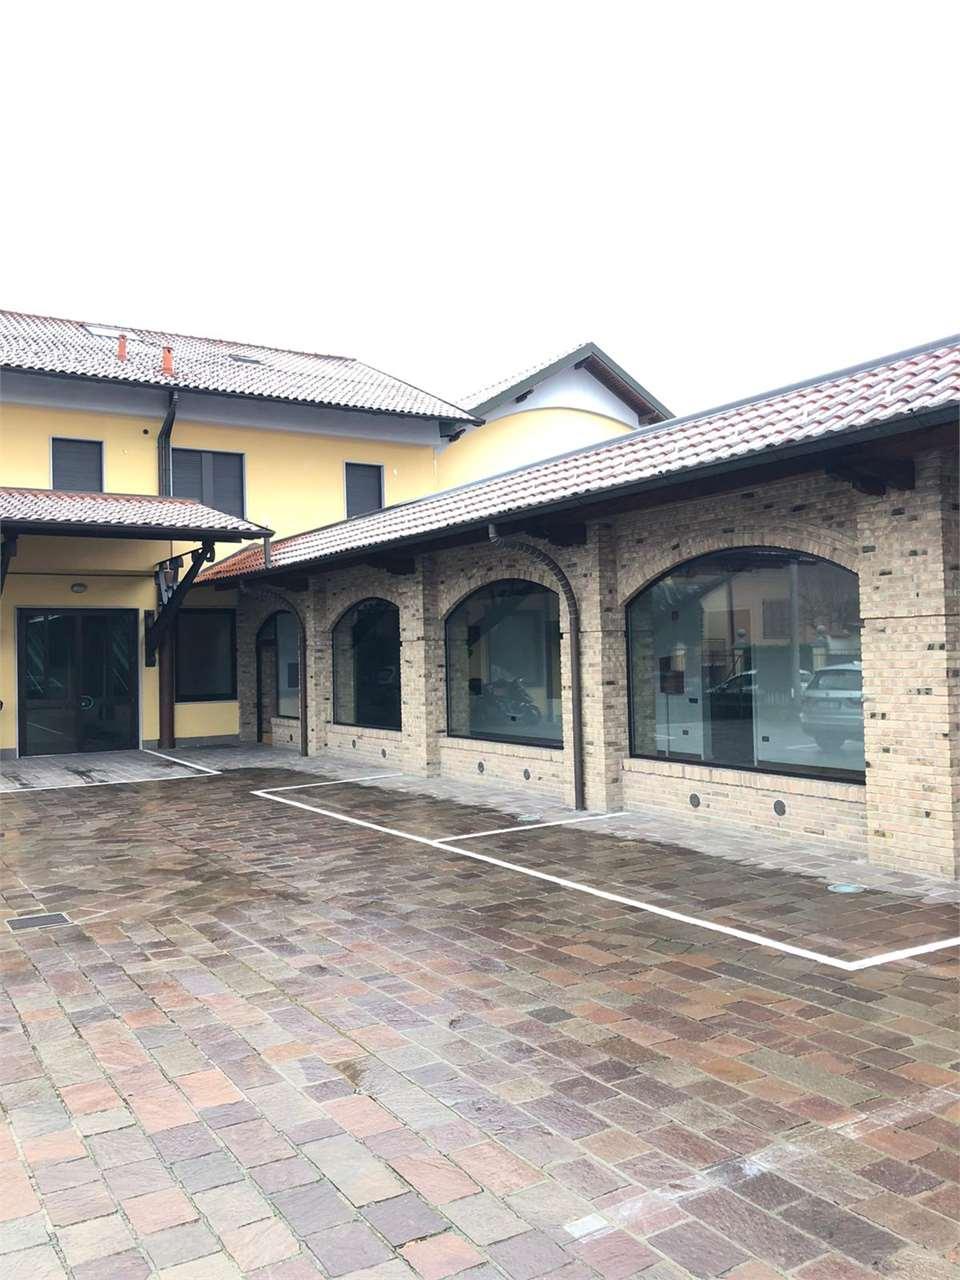 Laboratorio in vendita a Carate Brianza, 5 locali, prezzo € 243.000 | CambioCasa.it